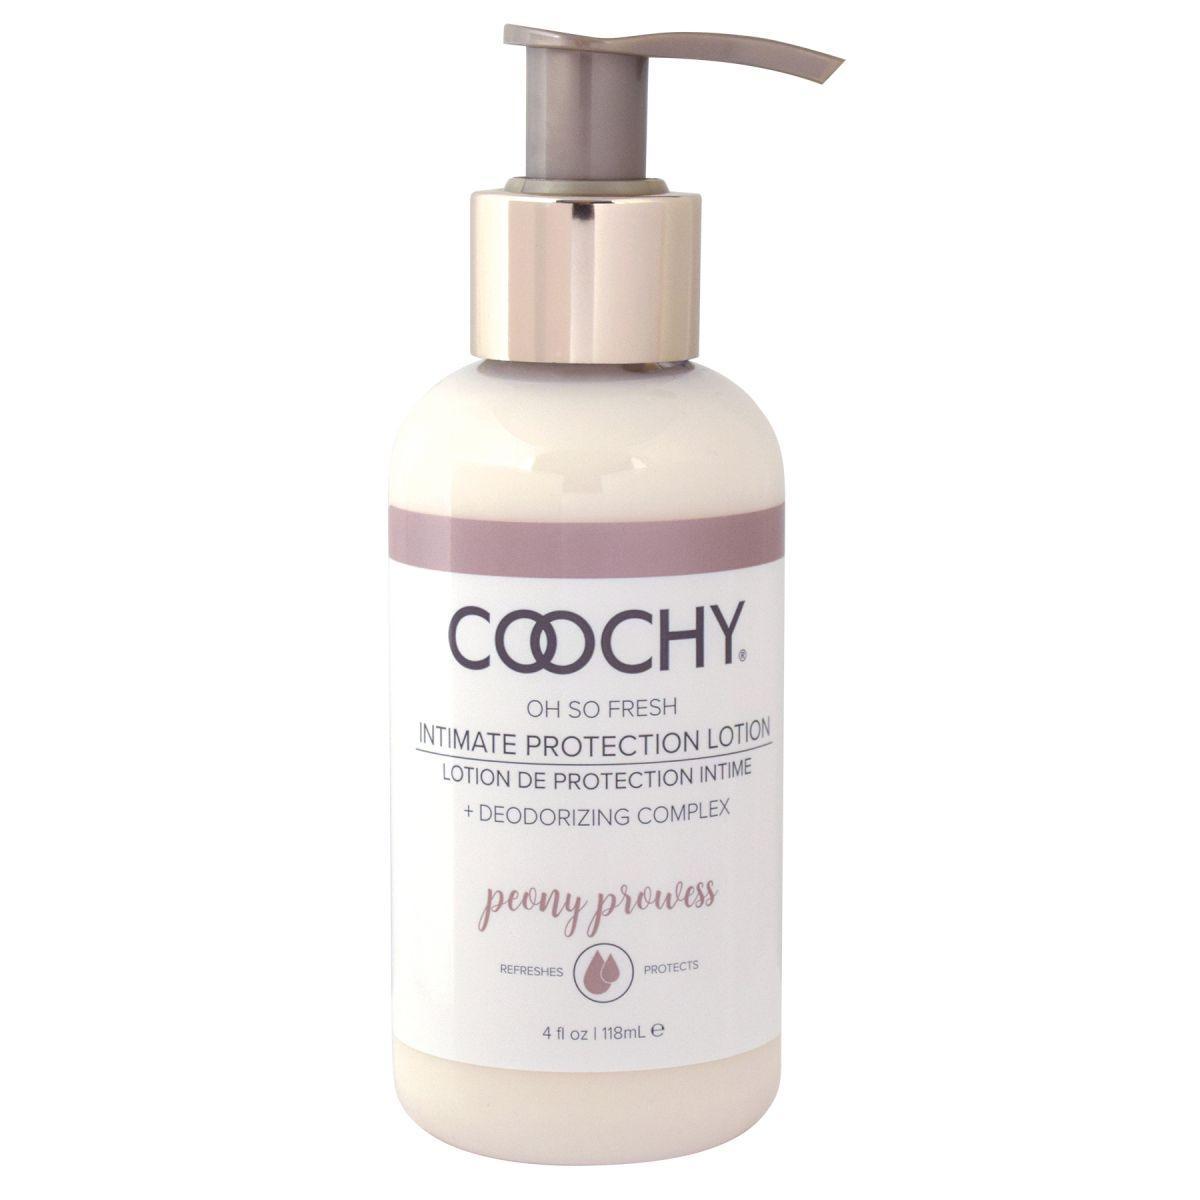 Защищающий лосьон с эффектом пудры COOCHY Peony Prowess - 118 мл.-7586